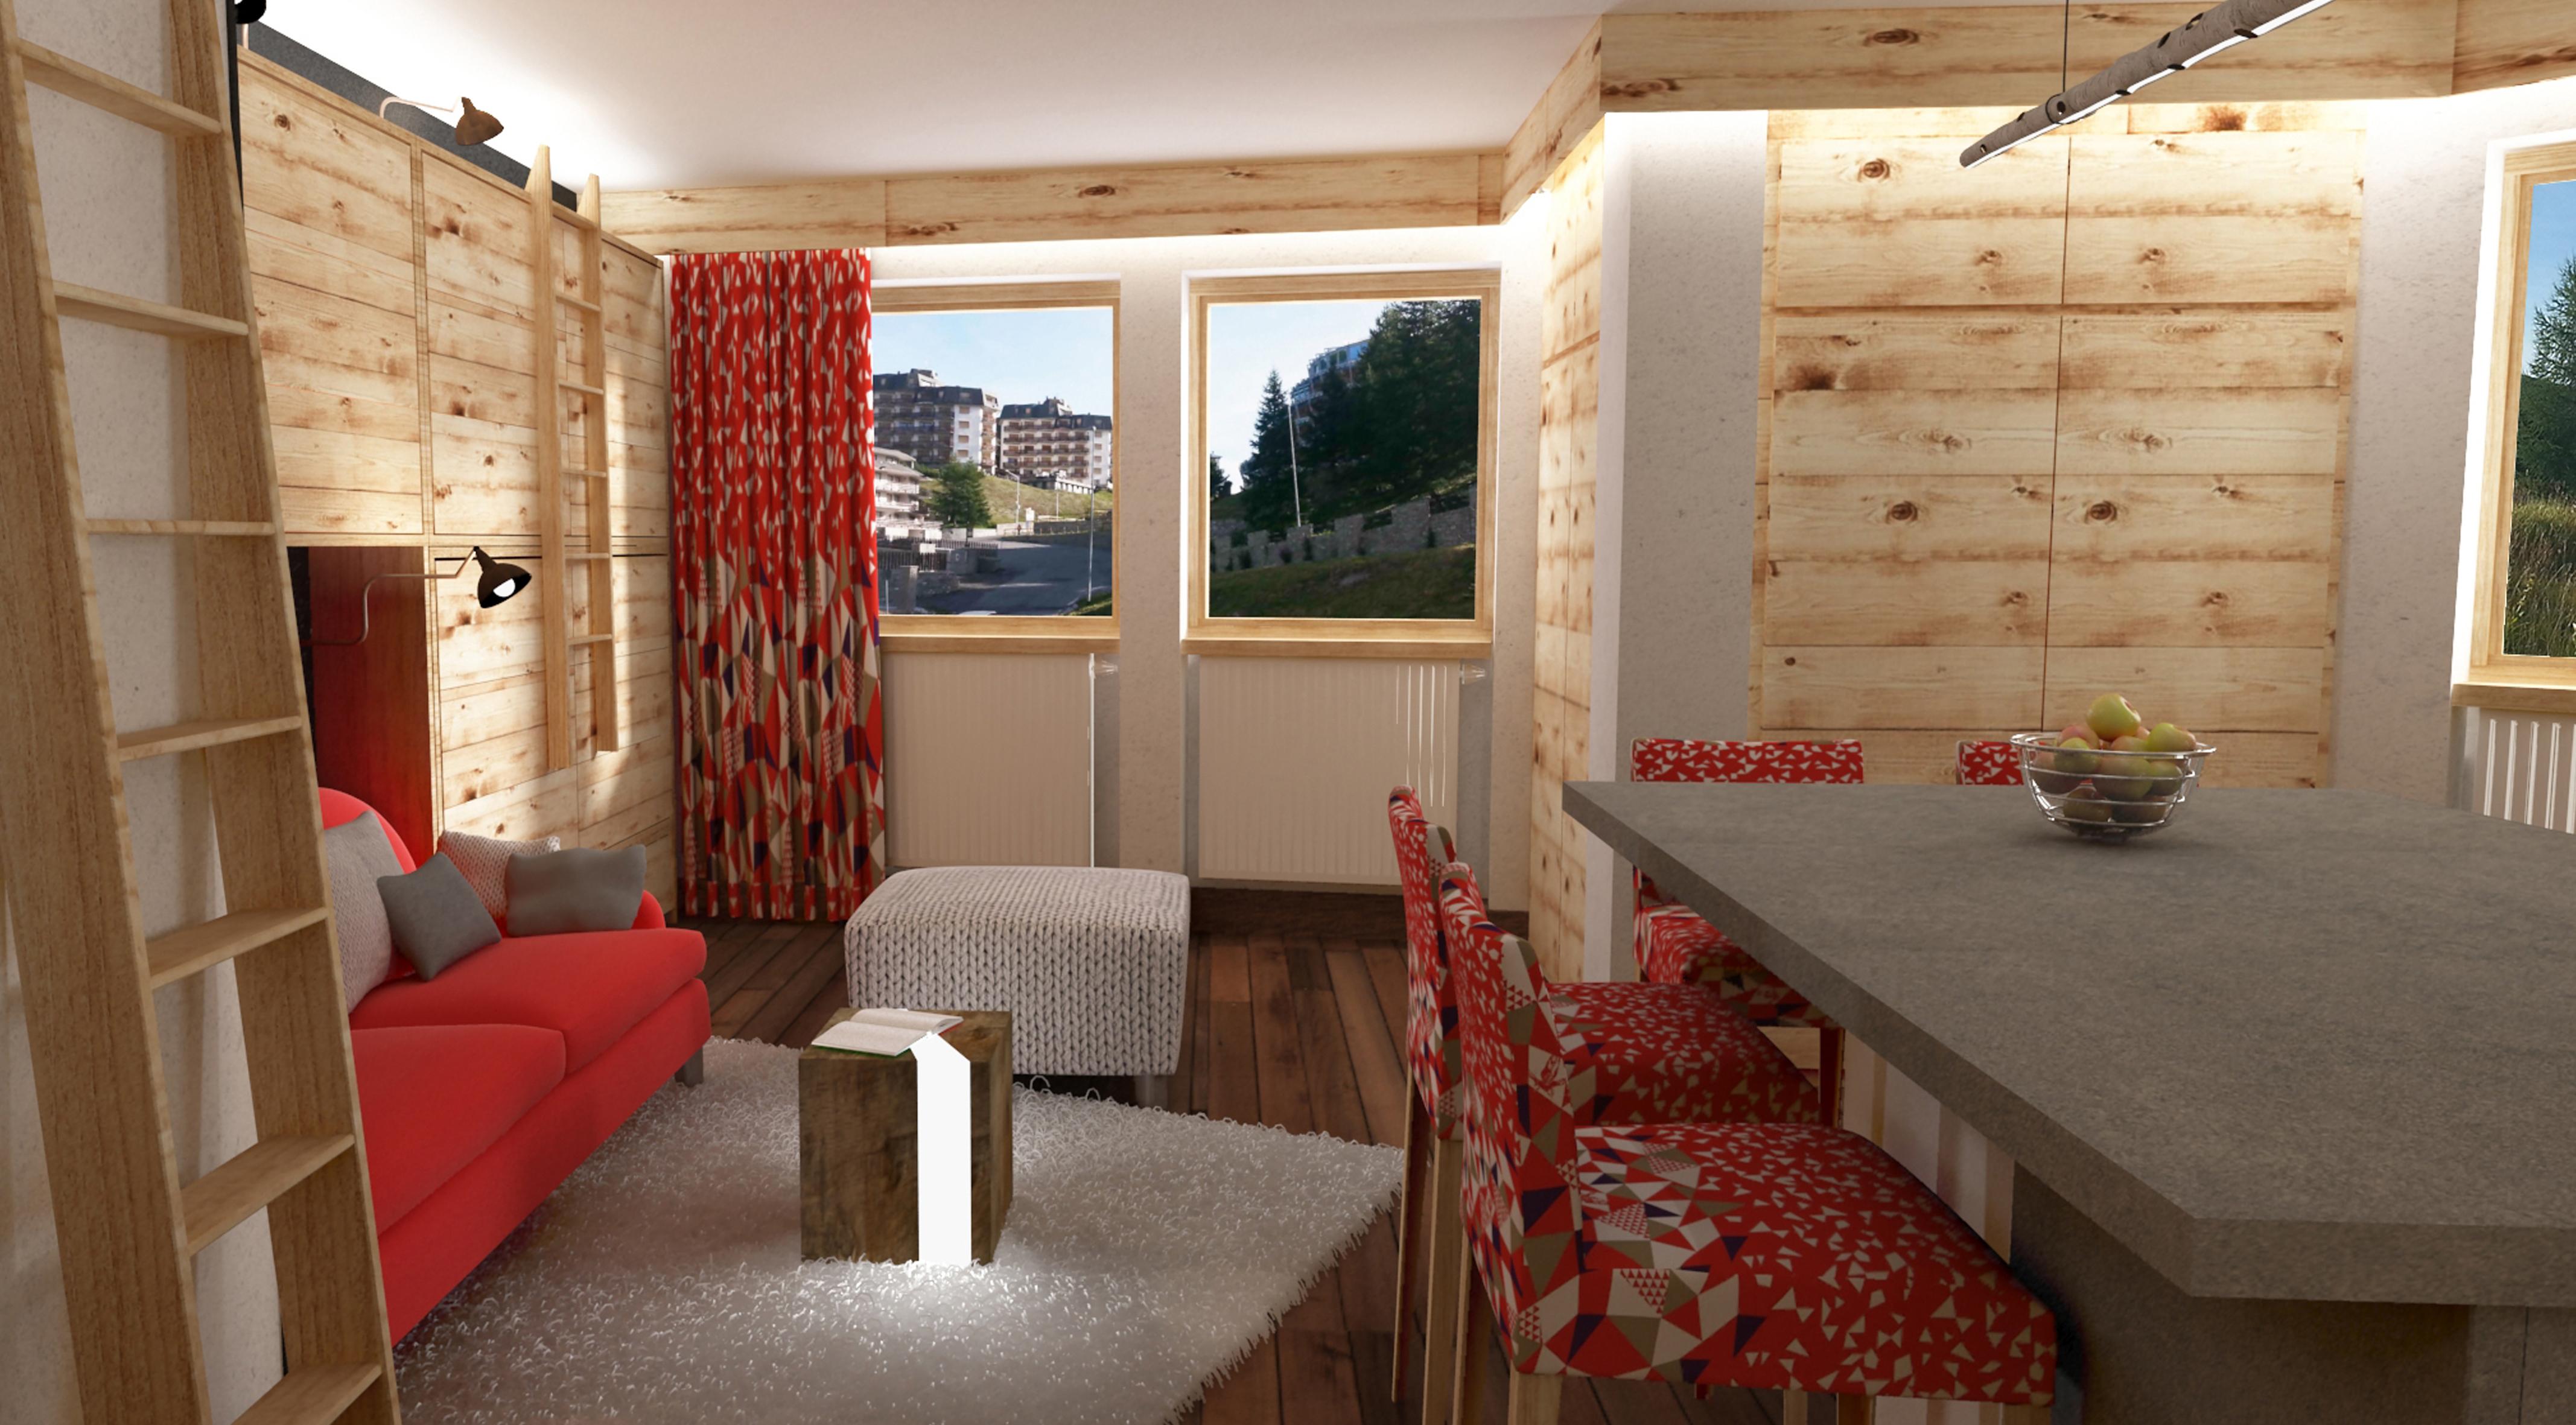 Ristrutturazione appartamenti di montagna studio swap torino for Progetti di ristrutturazione appartamenti